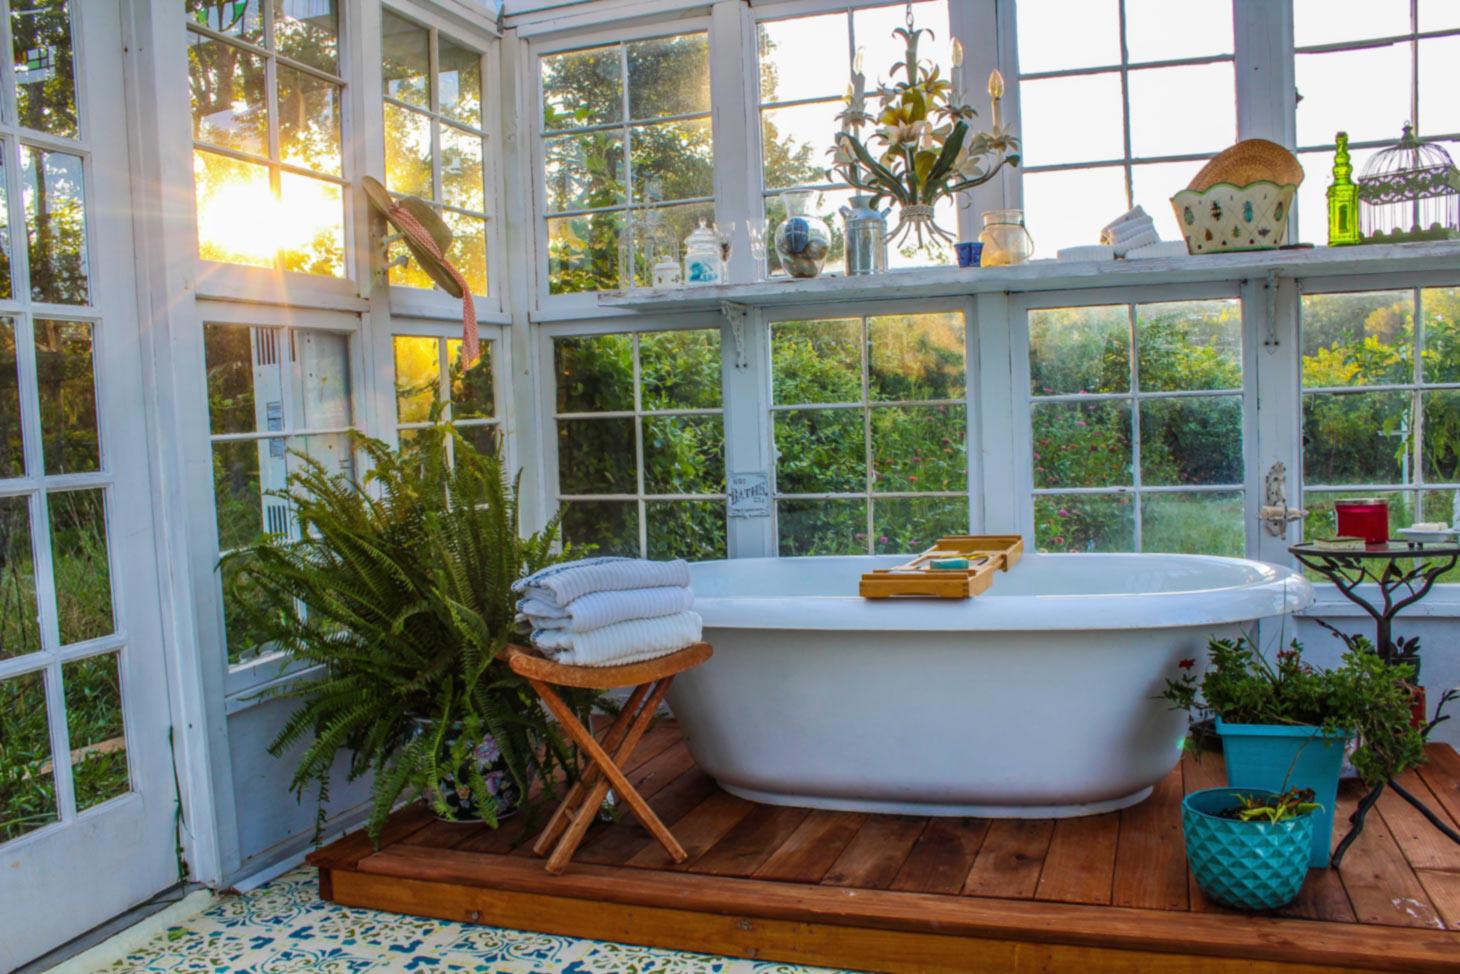 Badewanne in einem Gewächshaus